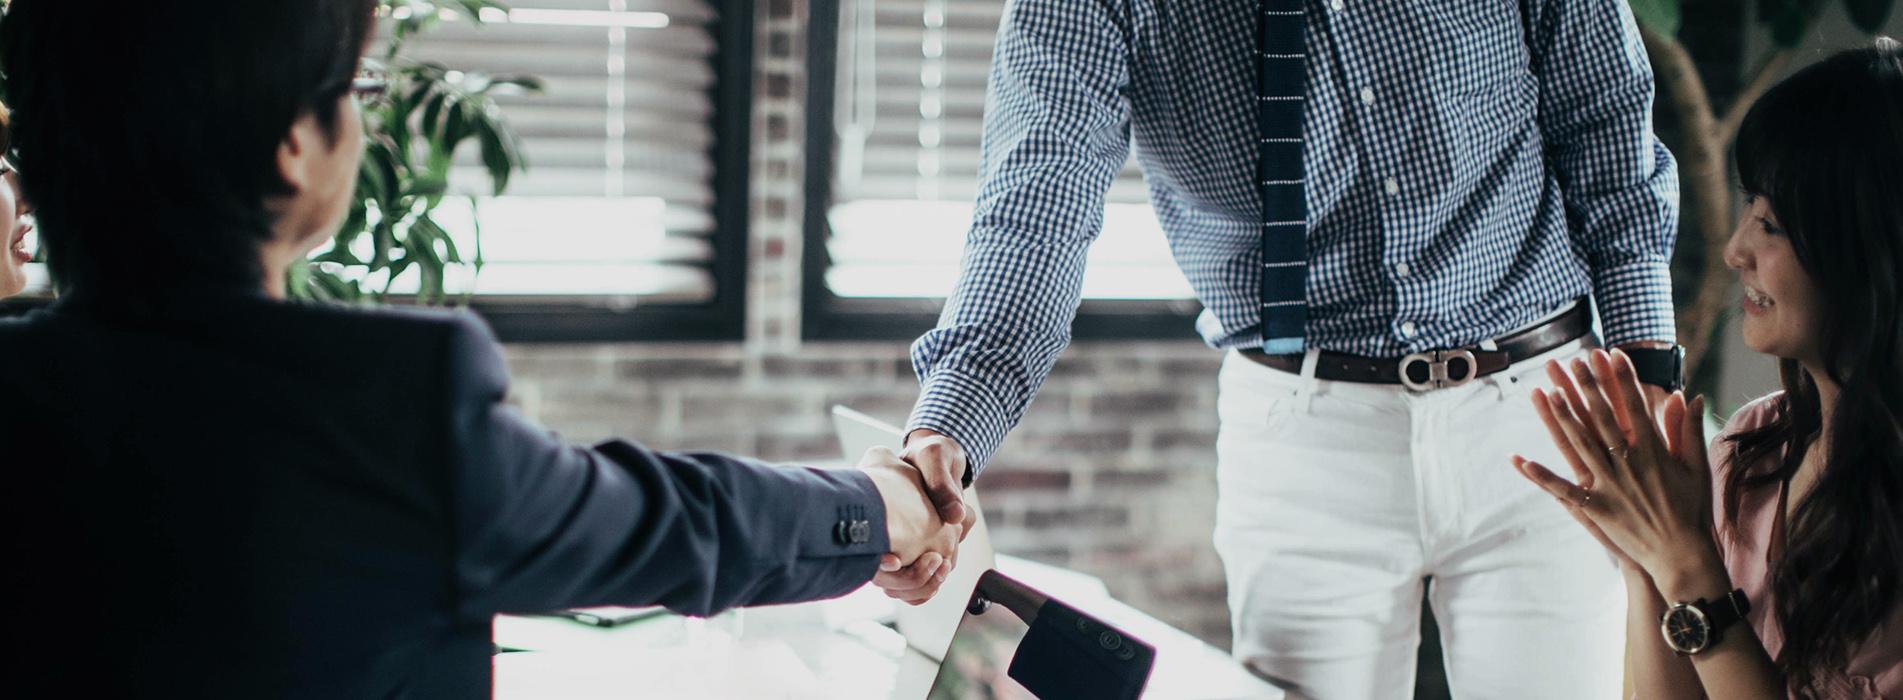 成功案例_典傳整合行銷成功案例-整合行銷公司 活動公司 公關公司